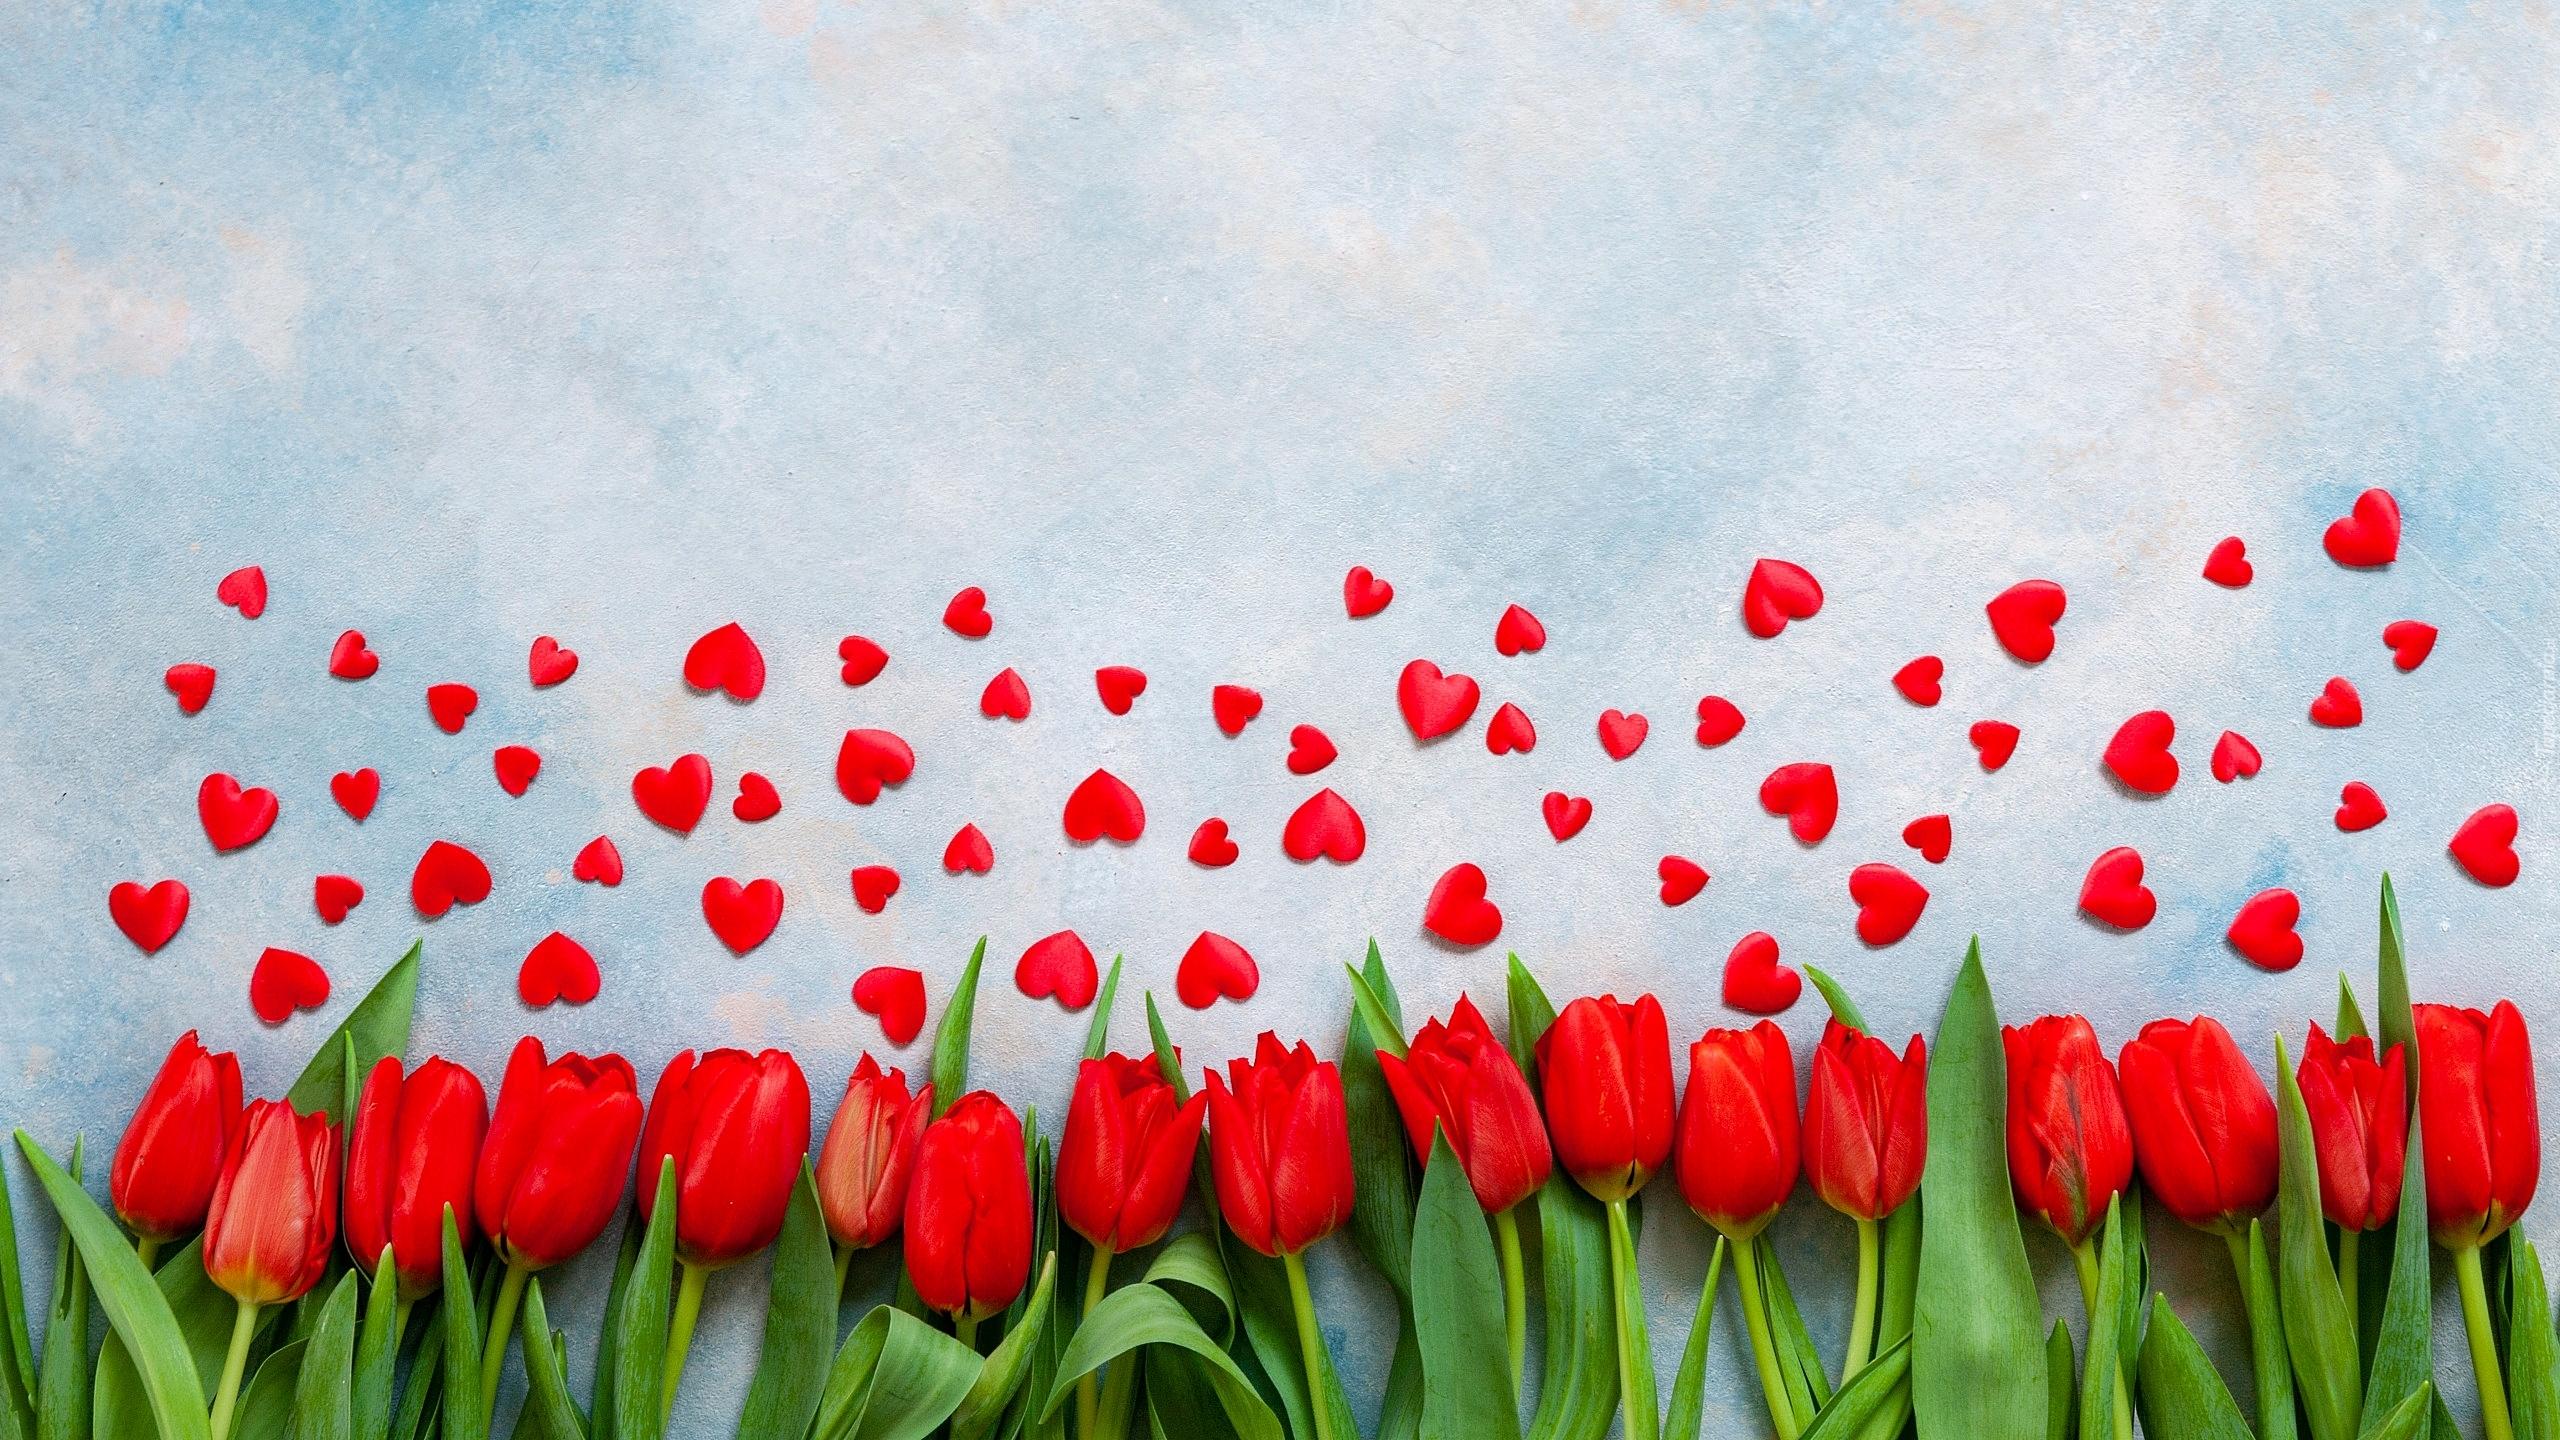 tapeta-czerwone-serduszka-nad-tulipanami.jpg